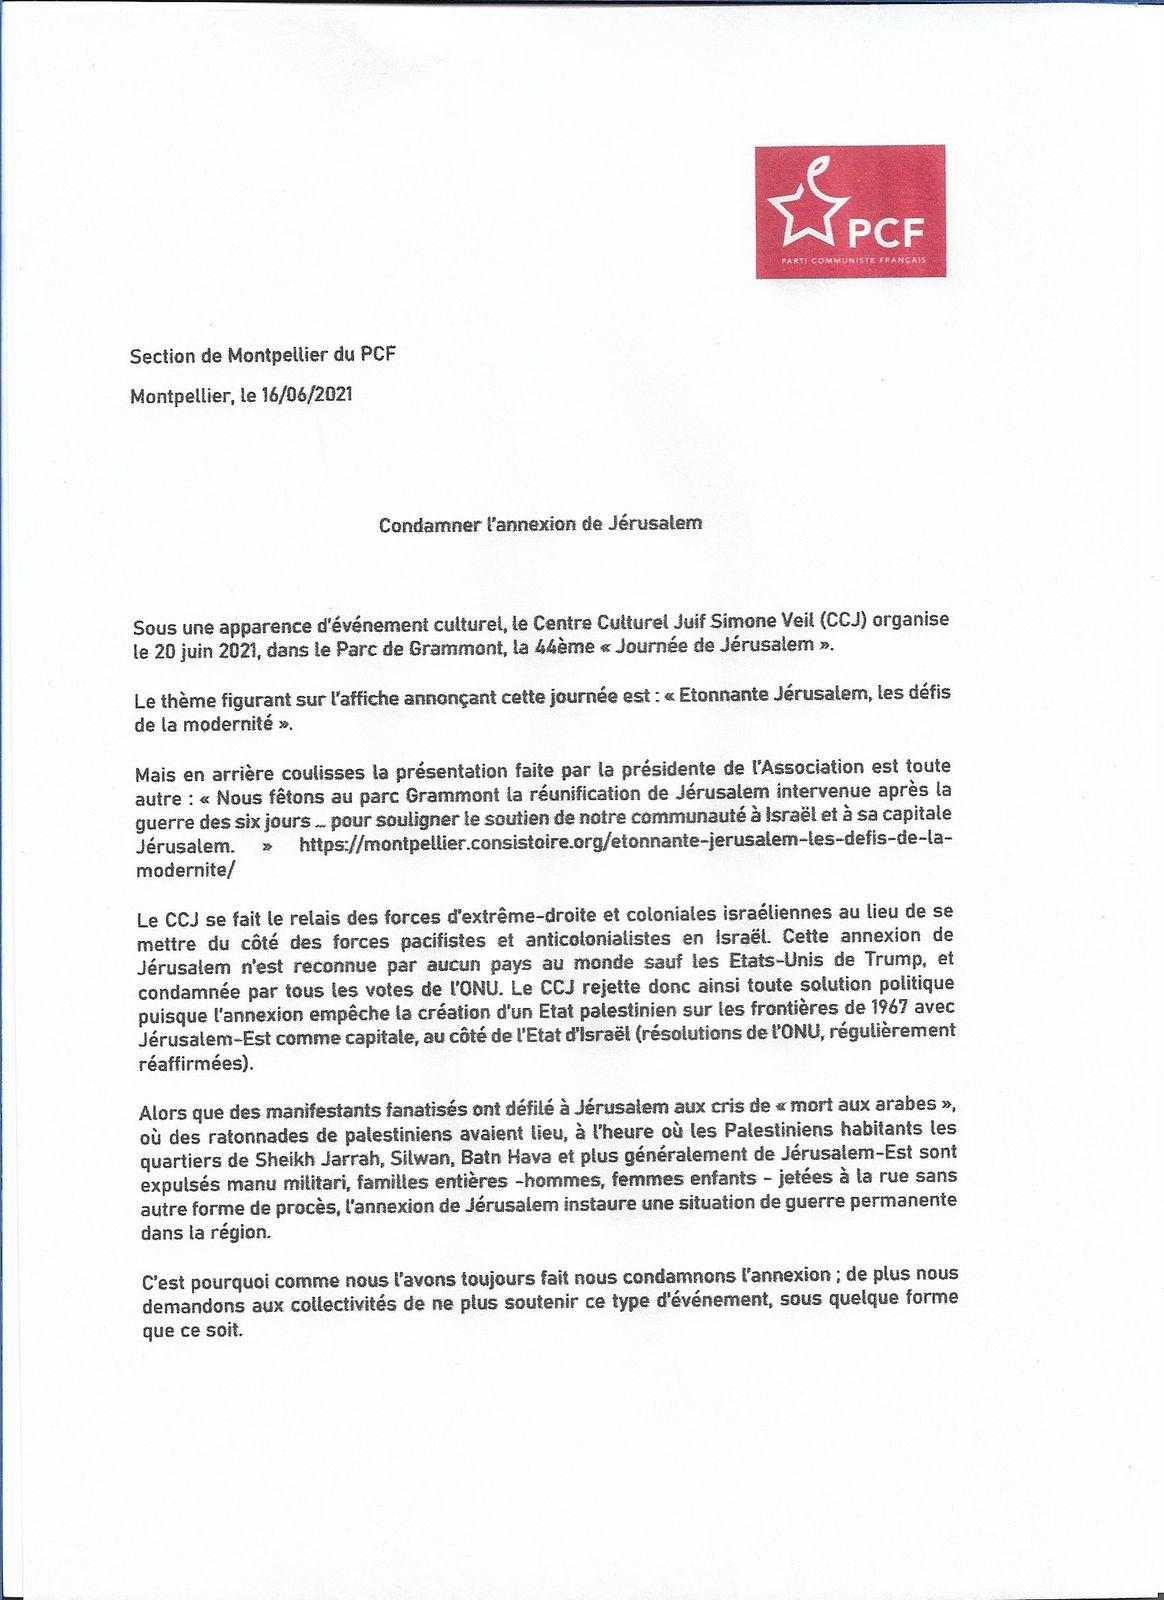 La section de Montpellier du PCF et la journée de Jérusalem